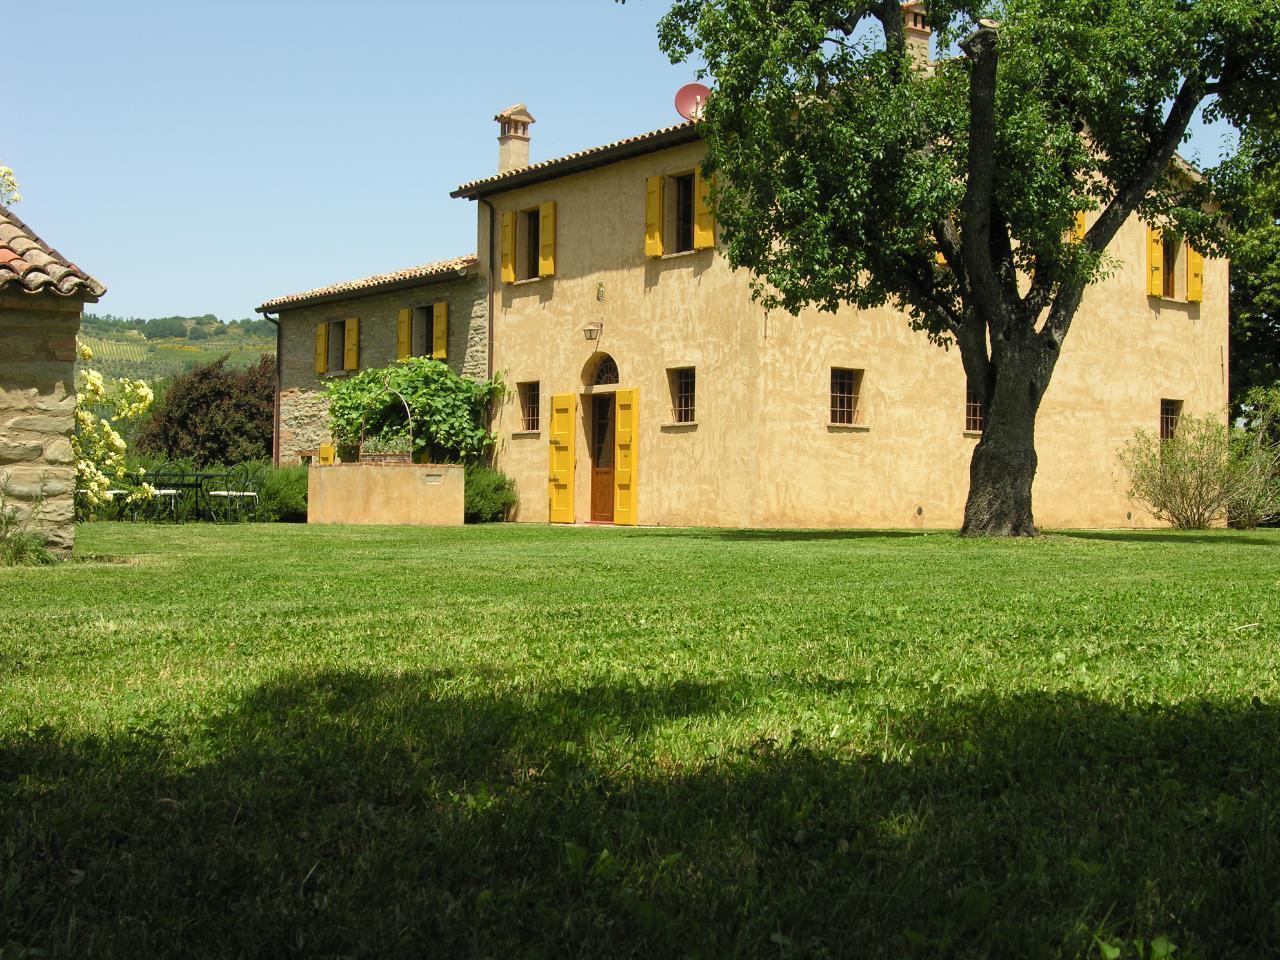 Maison de vacances Podere Ovello, Casa Marruca (1635175), Brisighella, Ravenne, Émilie-Romagne, Italie, image 4